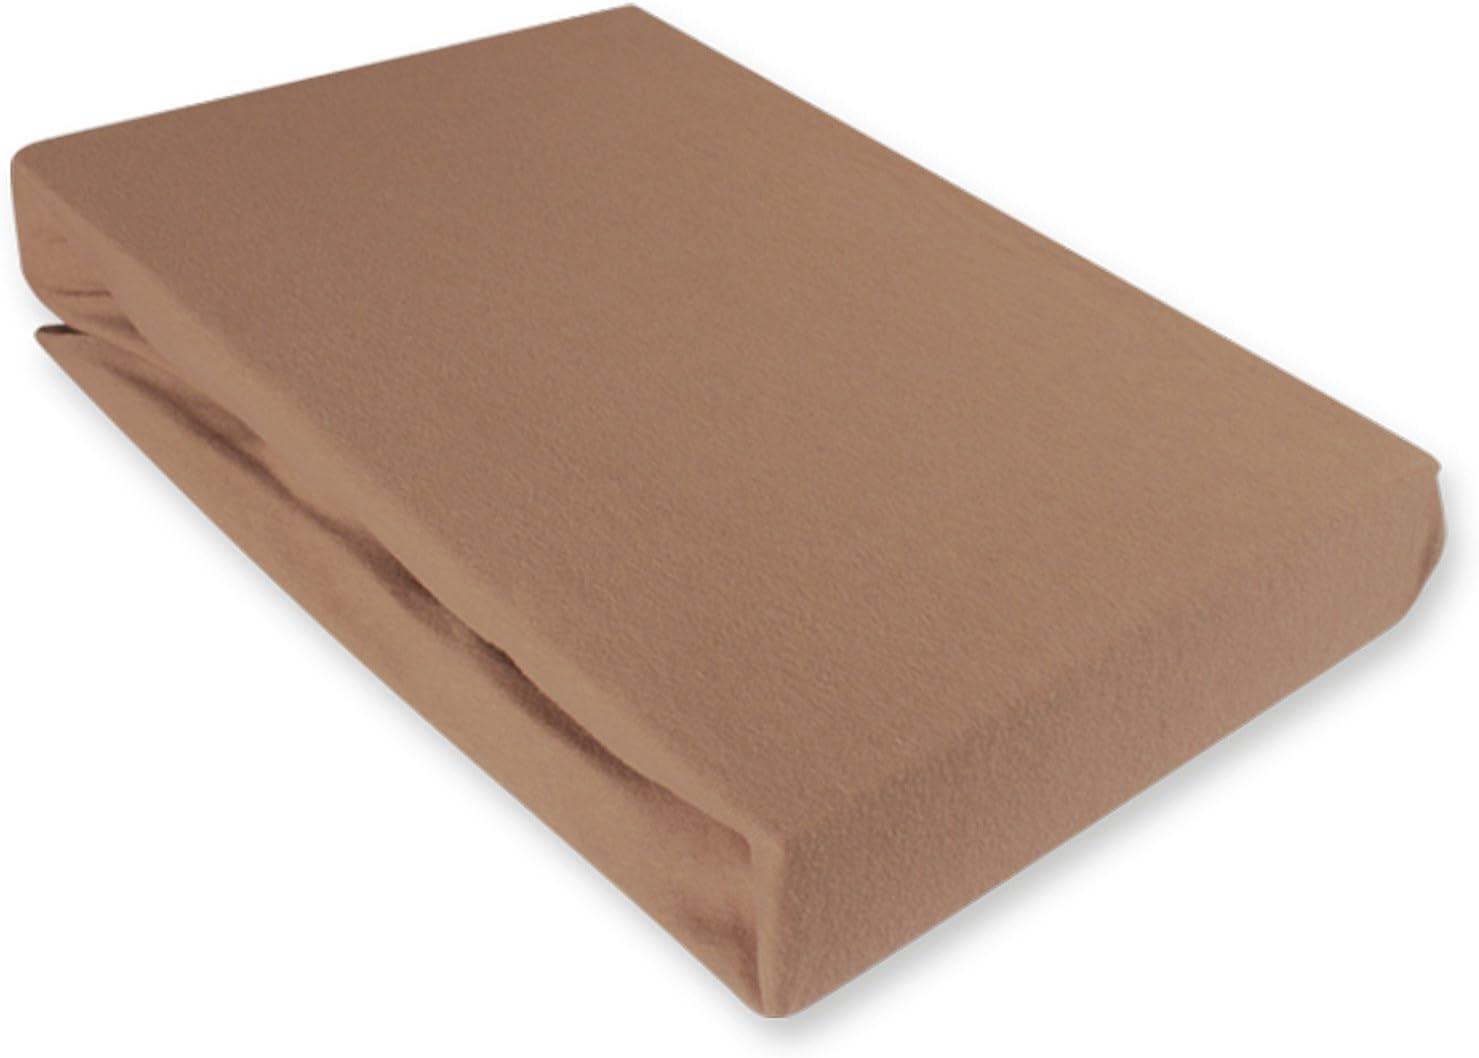 Jersey Kinder Spannbettlaken Marine 70x140cm 100/% Baumwolle